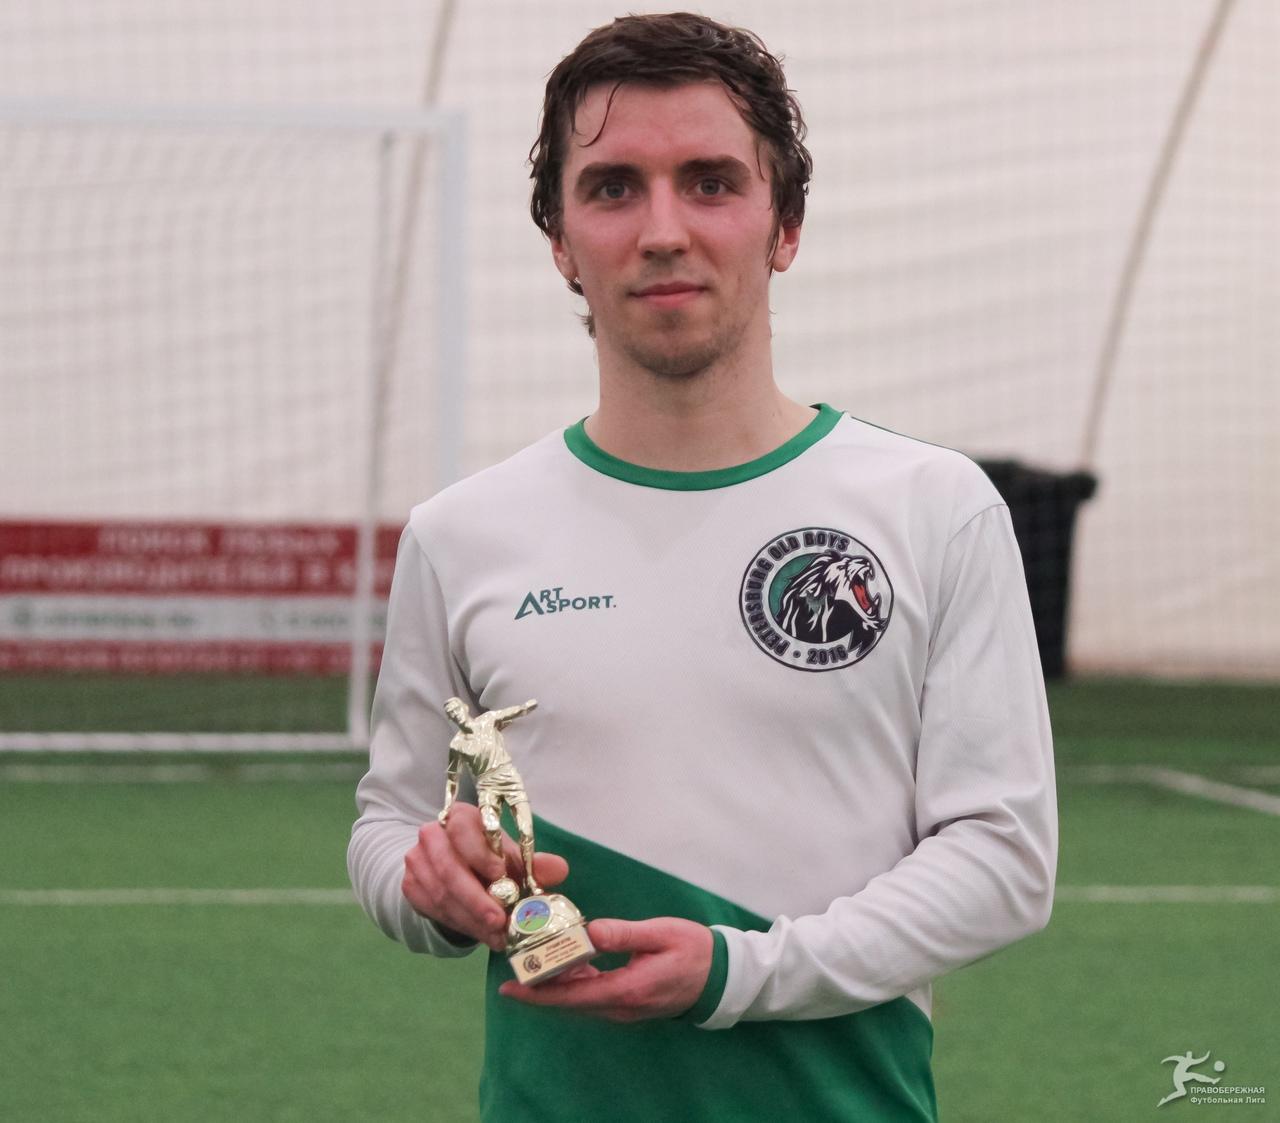 Даниил Рябчиков («Питер Олд Бойз») — лучший игрок дивизиона Хирхасова.